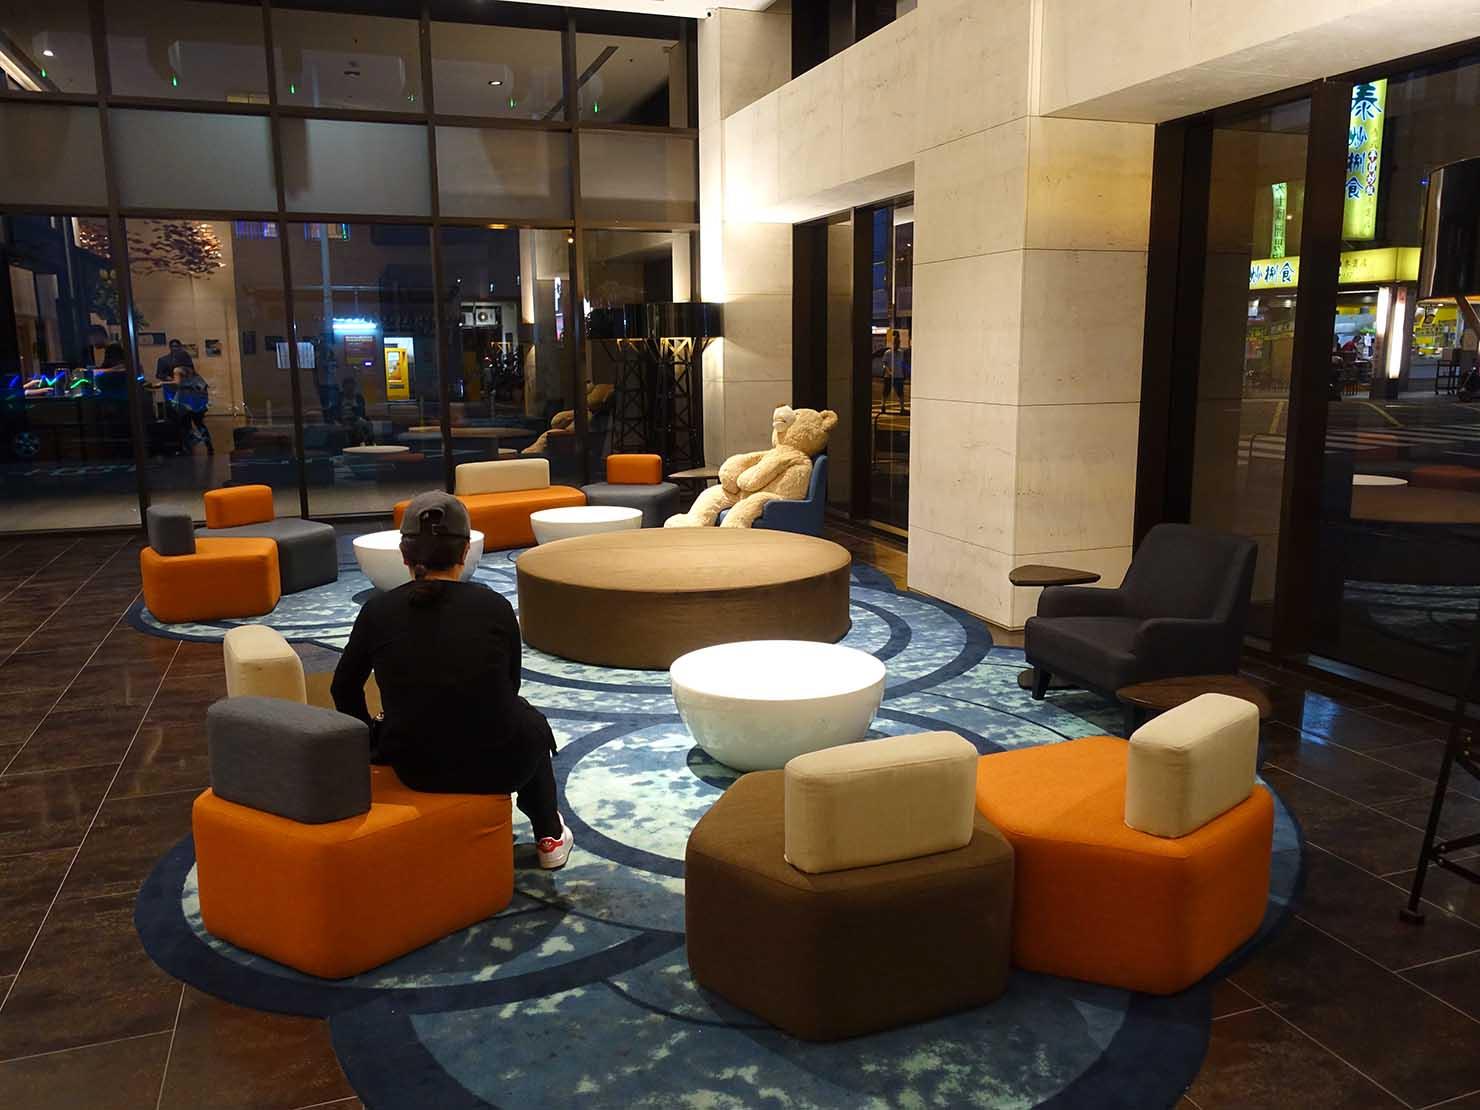 高雄市内観光におすすめのホテル「GREET INN 喜迎旅店」ロビーのソファ